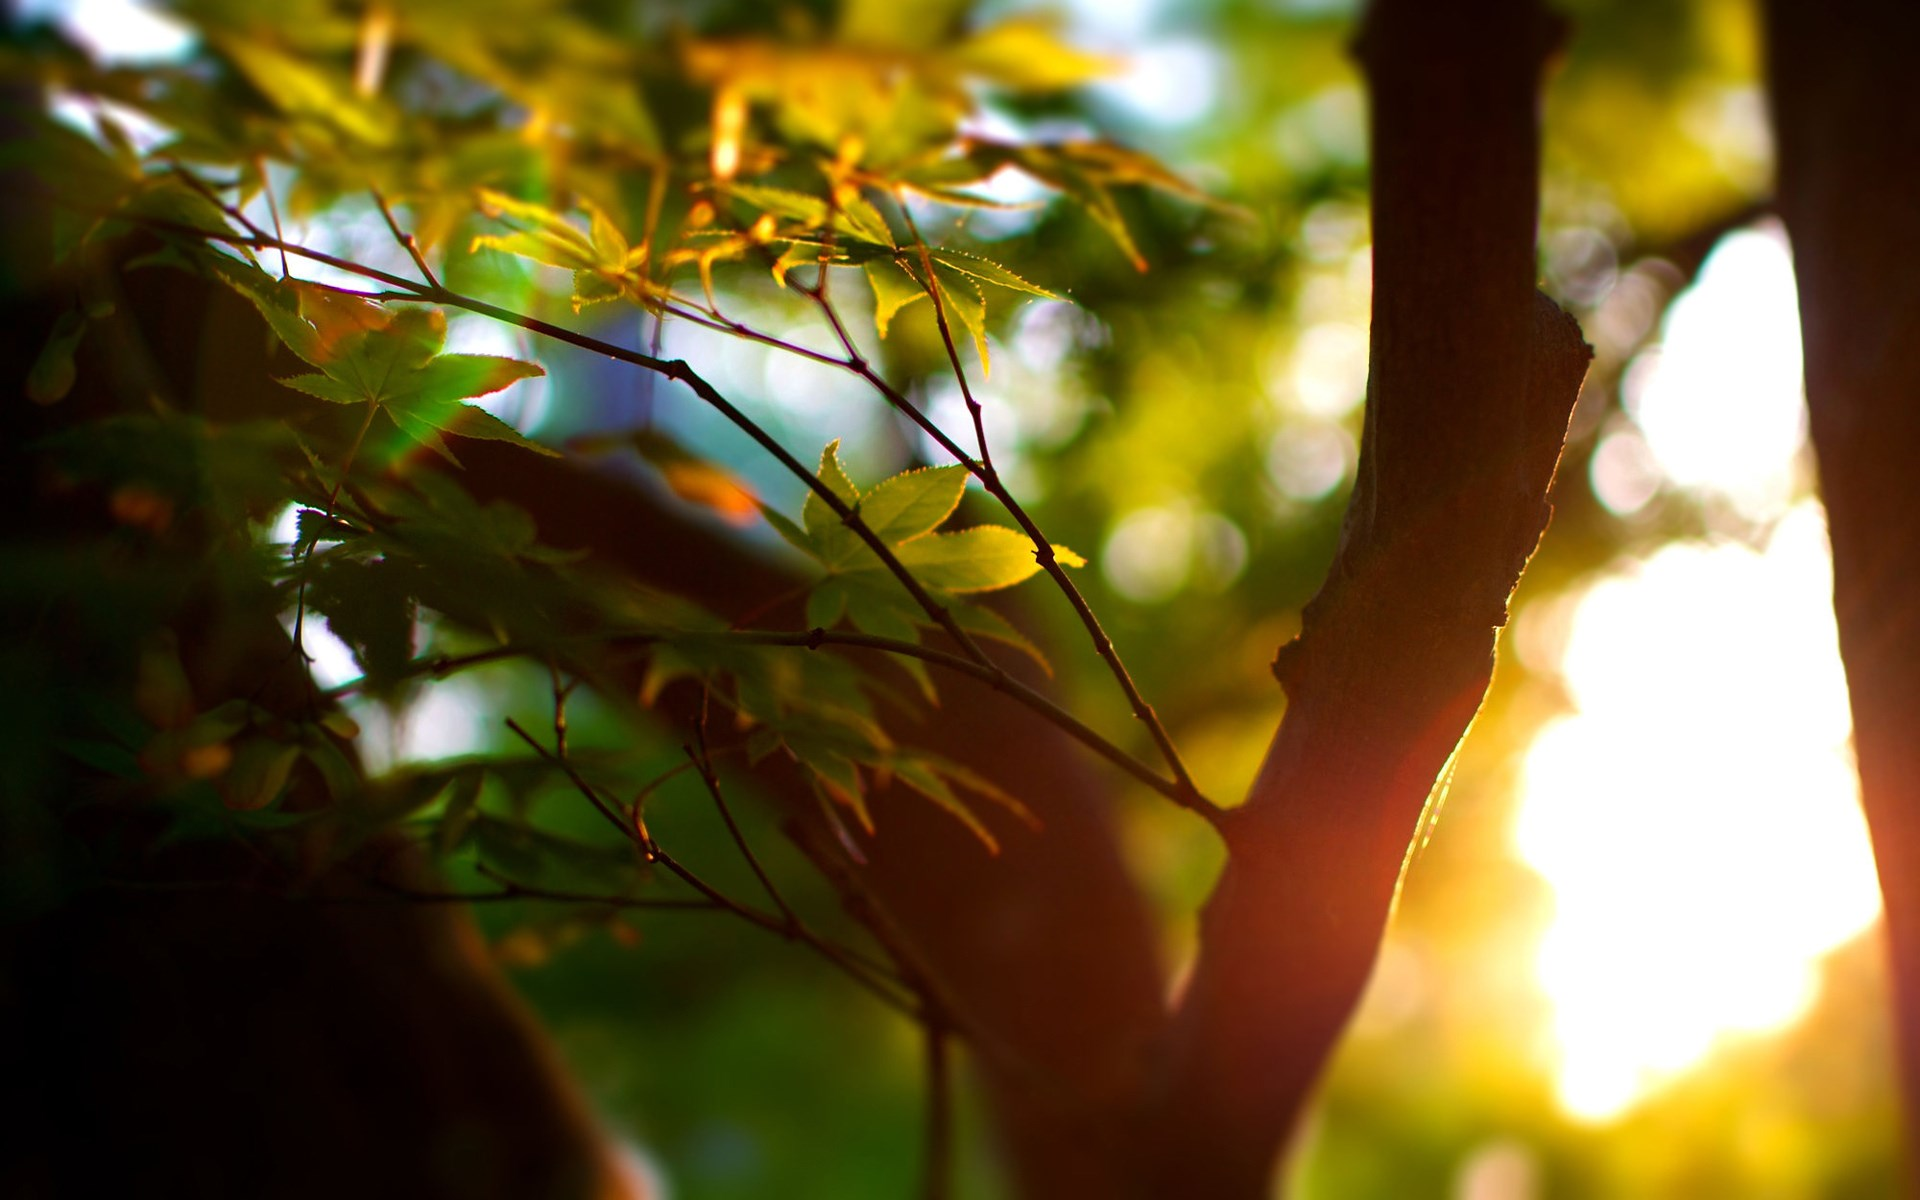 Лучи света сквозь листья  № 3096154 загрузить